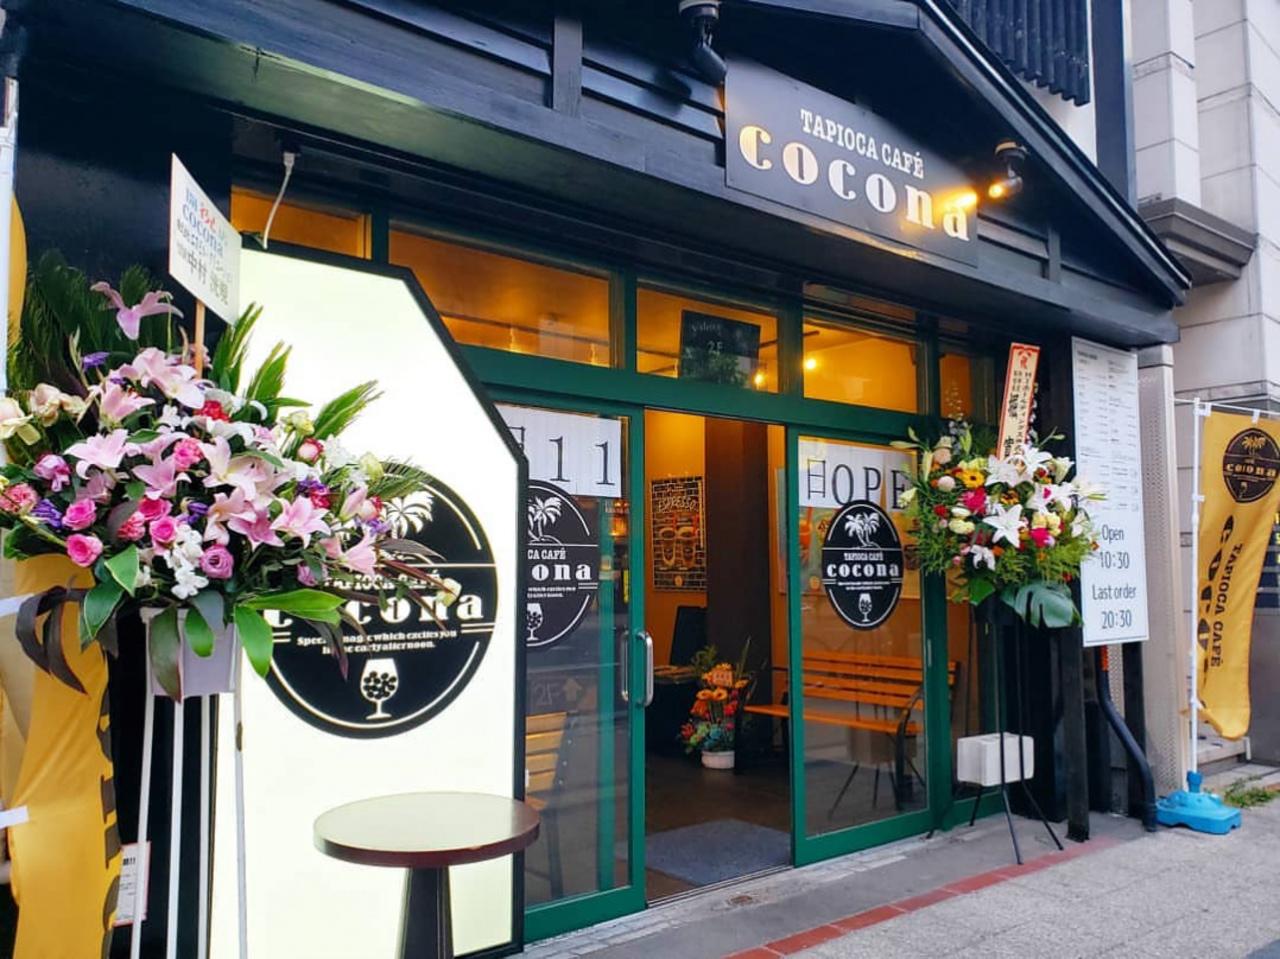 北海道札幌市中央区南1条西5丁目にタピオカカフェ「ココナ」が昨日オープンされたようです。